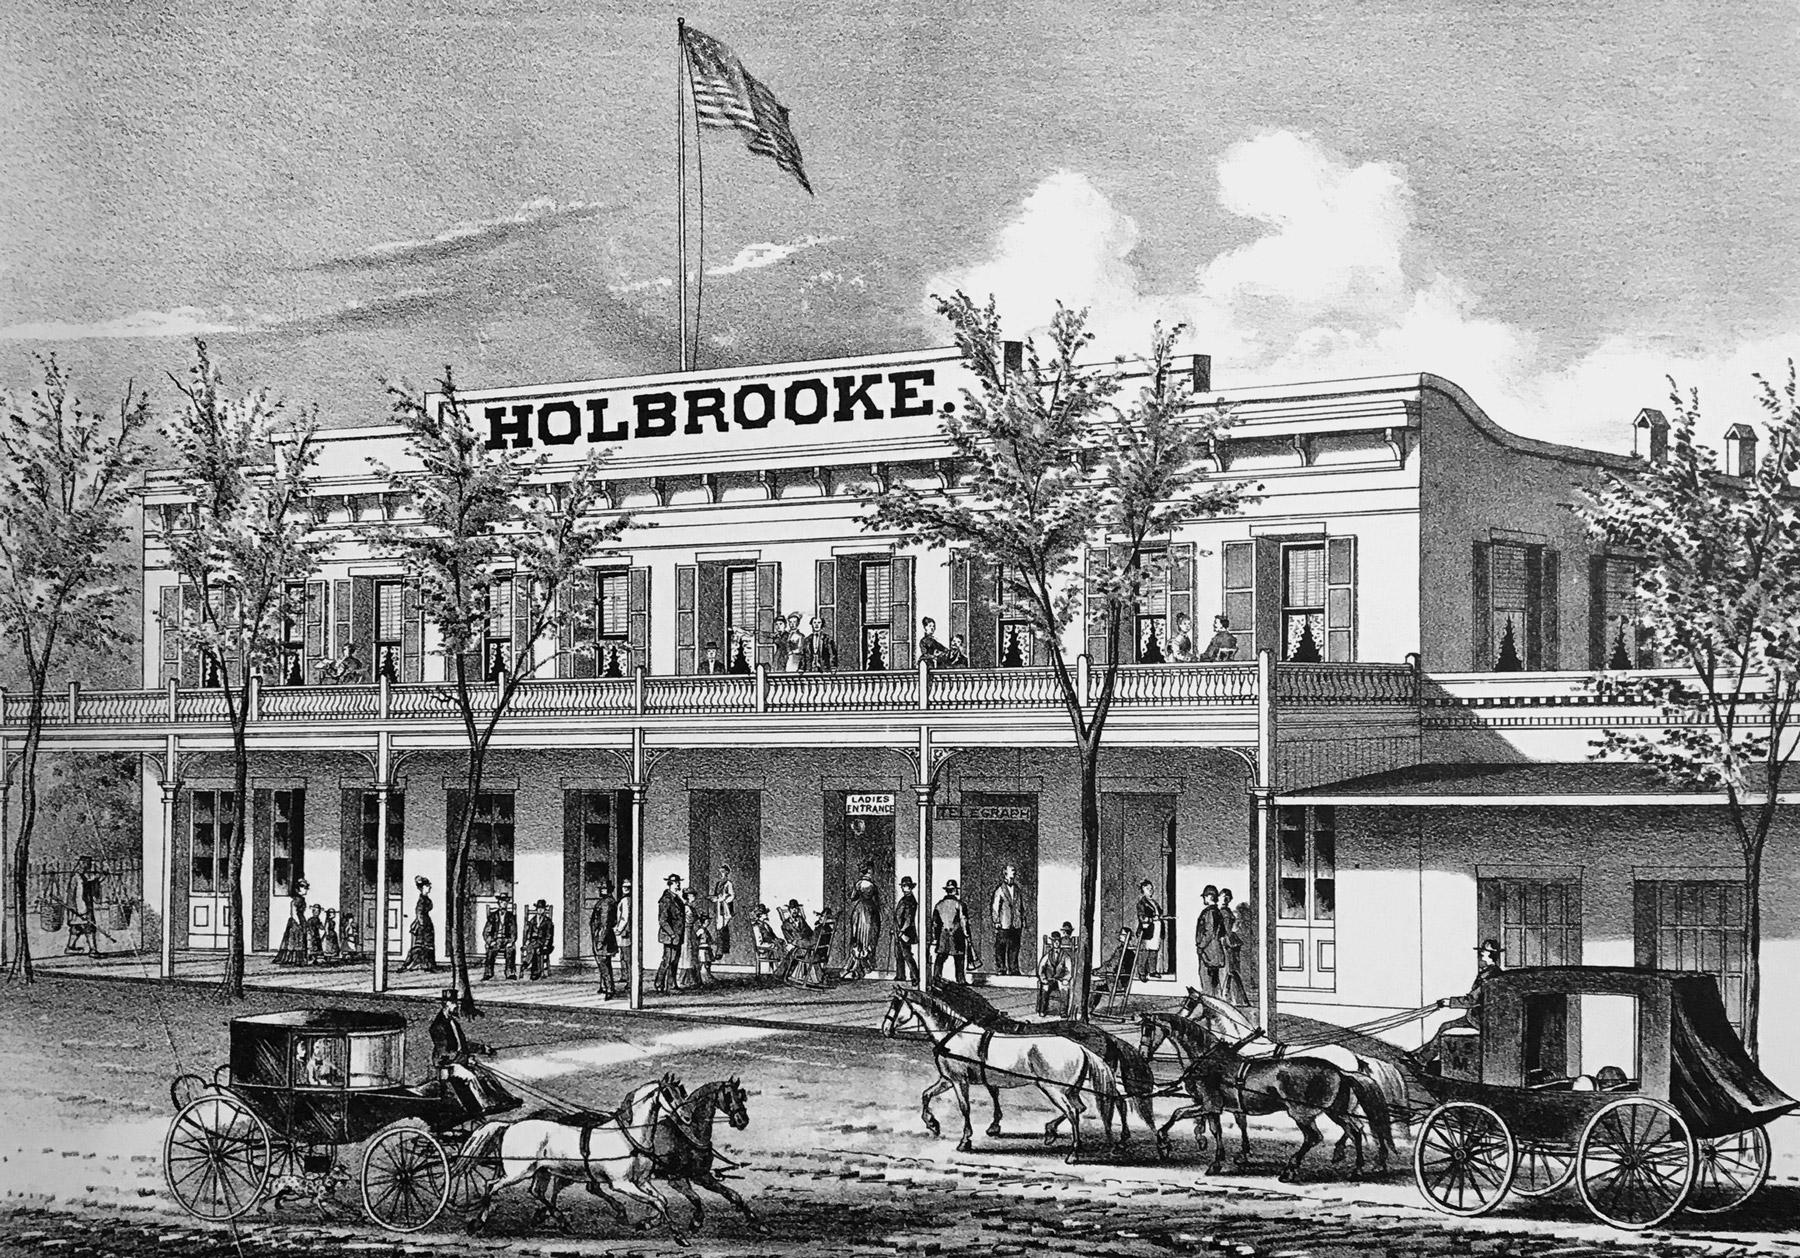 Holbrooke Illustration 1880s